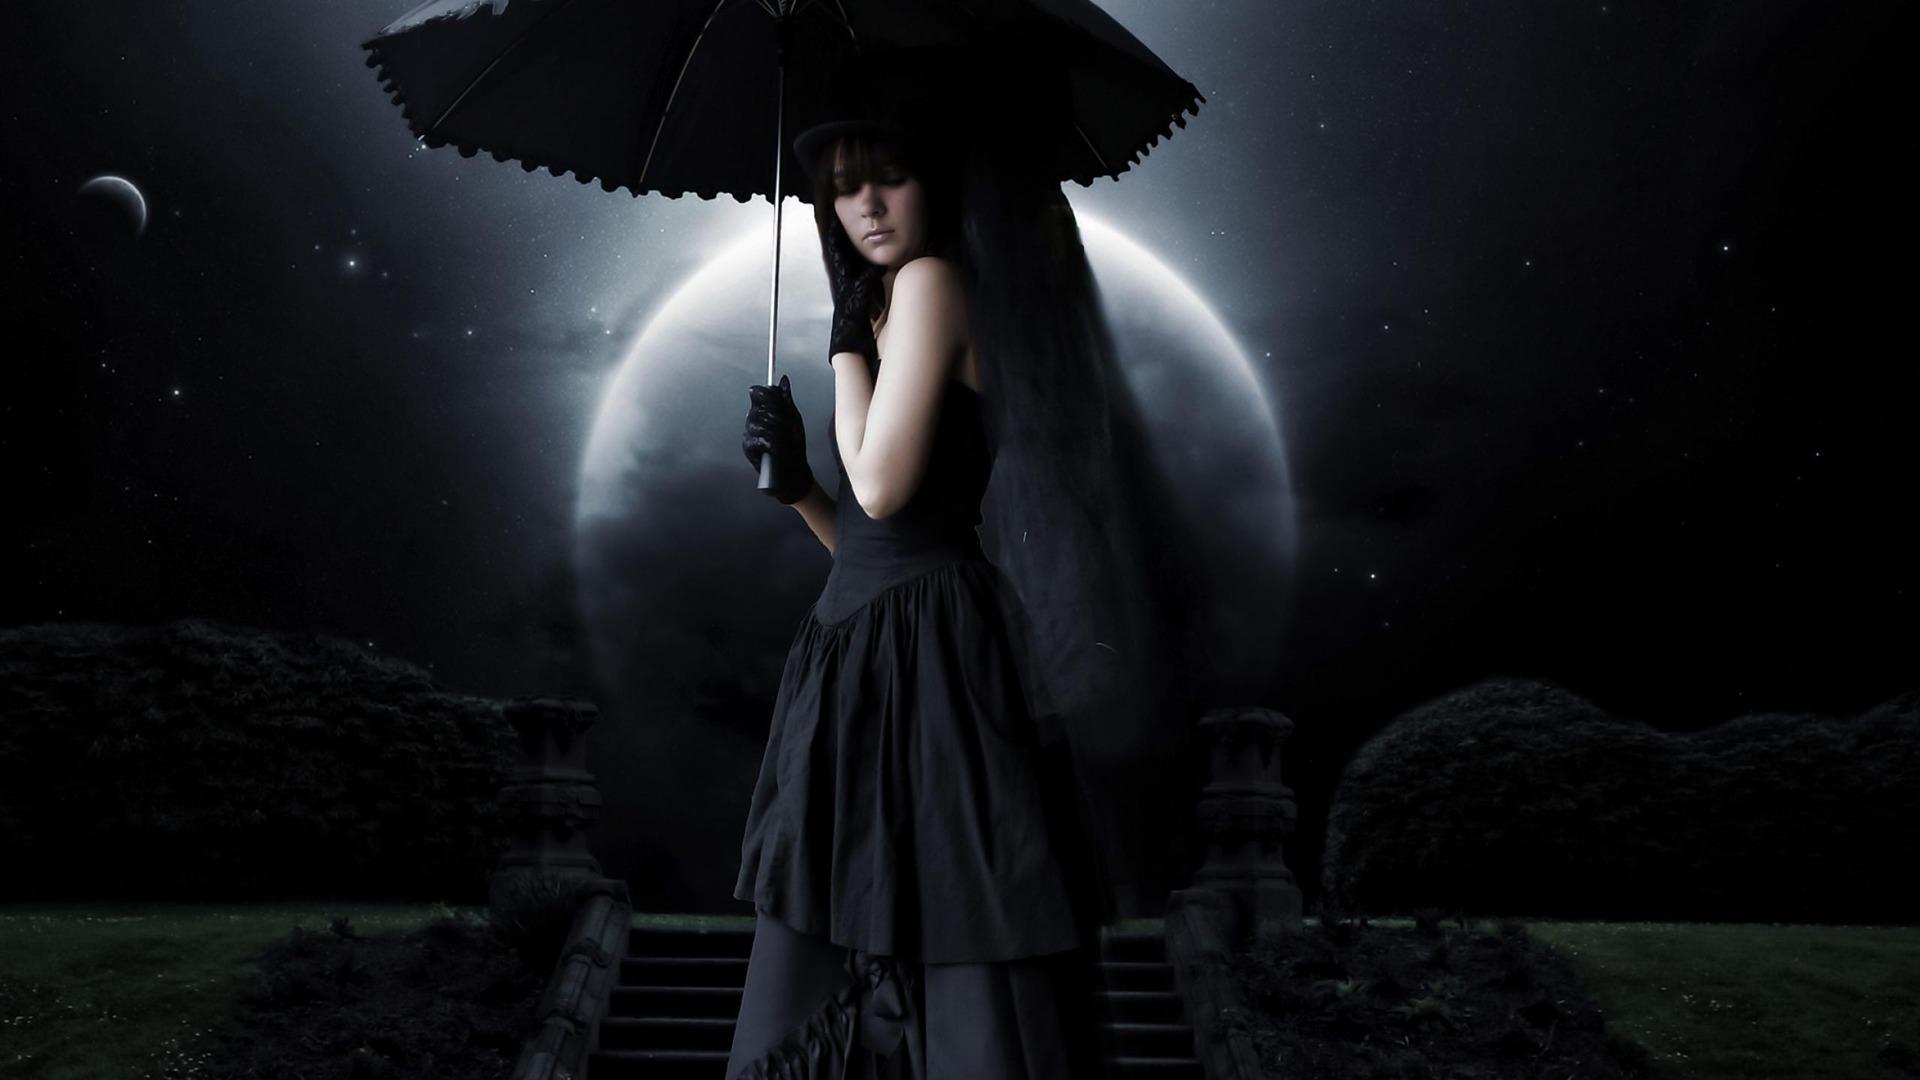 黒い謎の女 美しい写真の壁紙プレビュー 10wallpaper Com